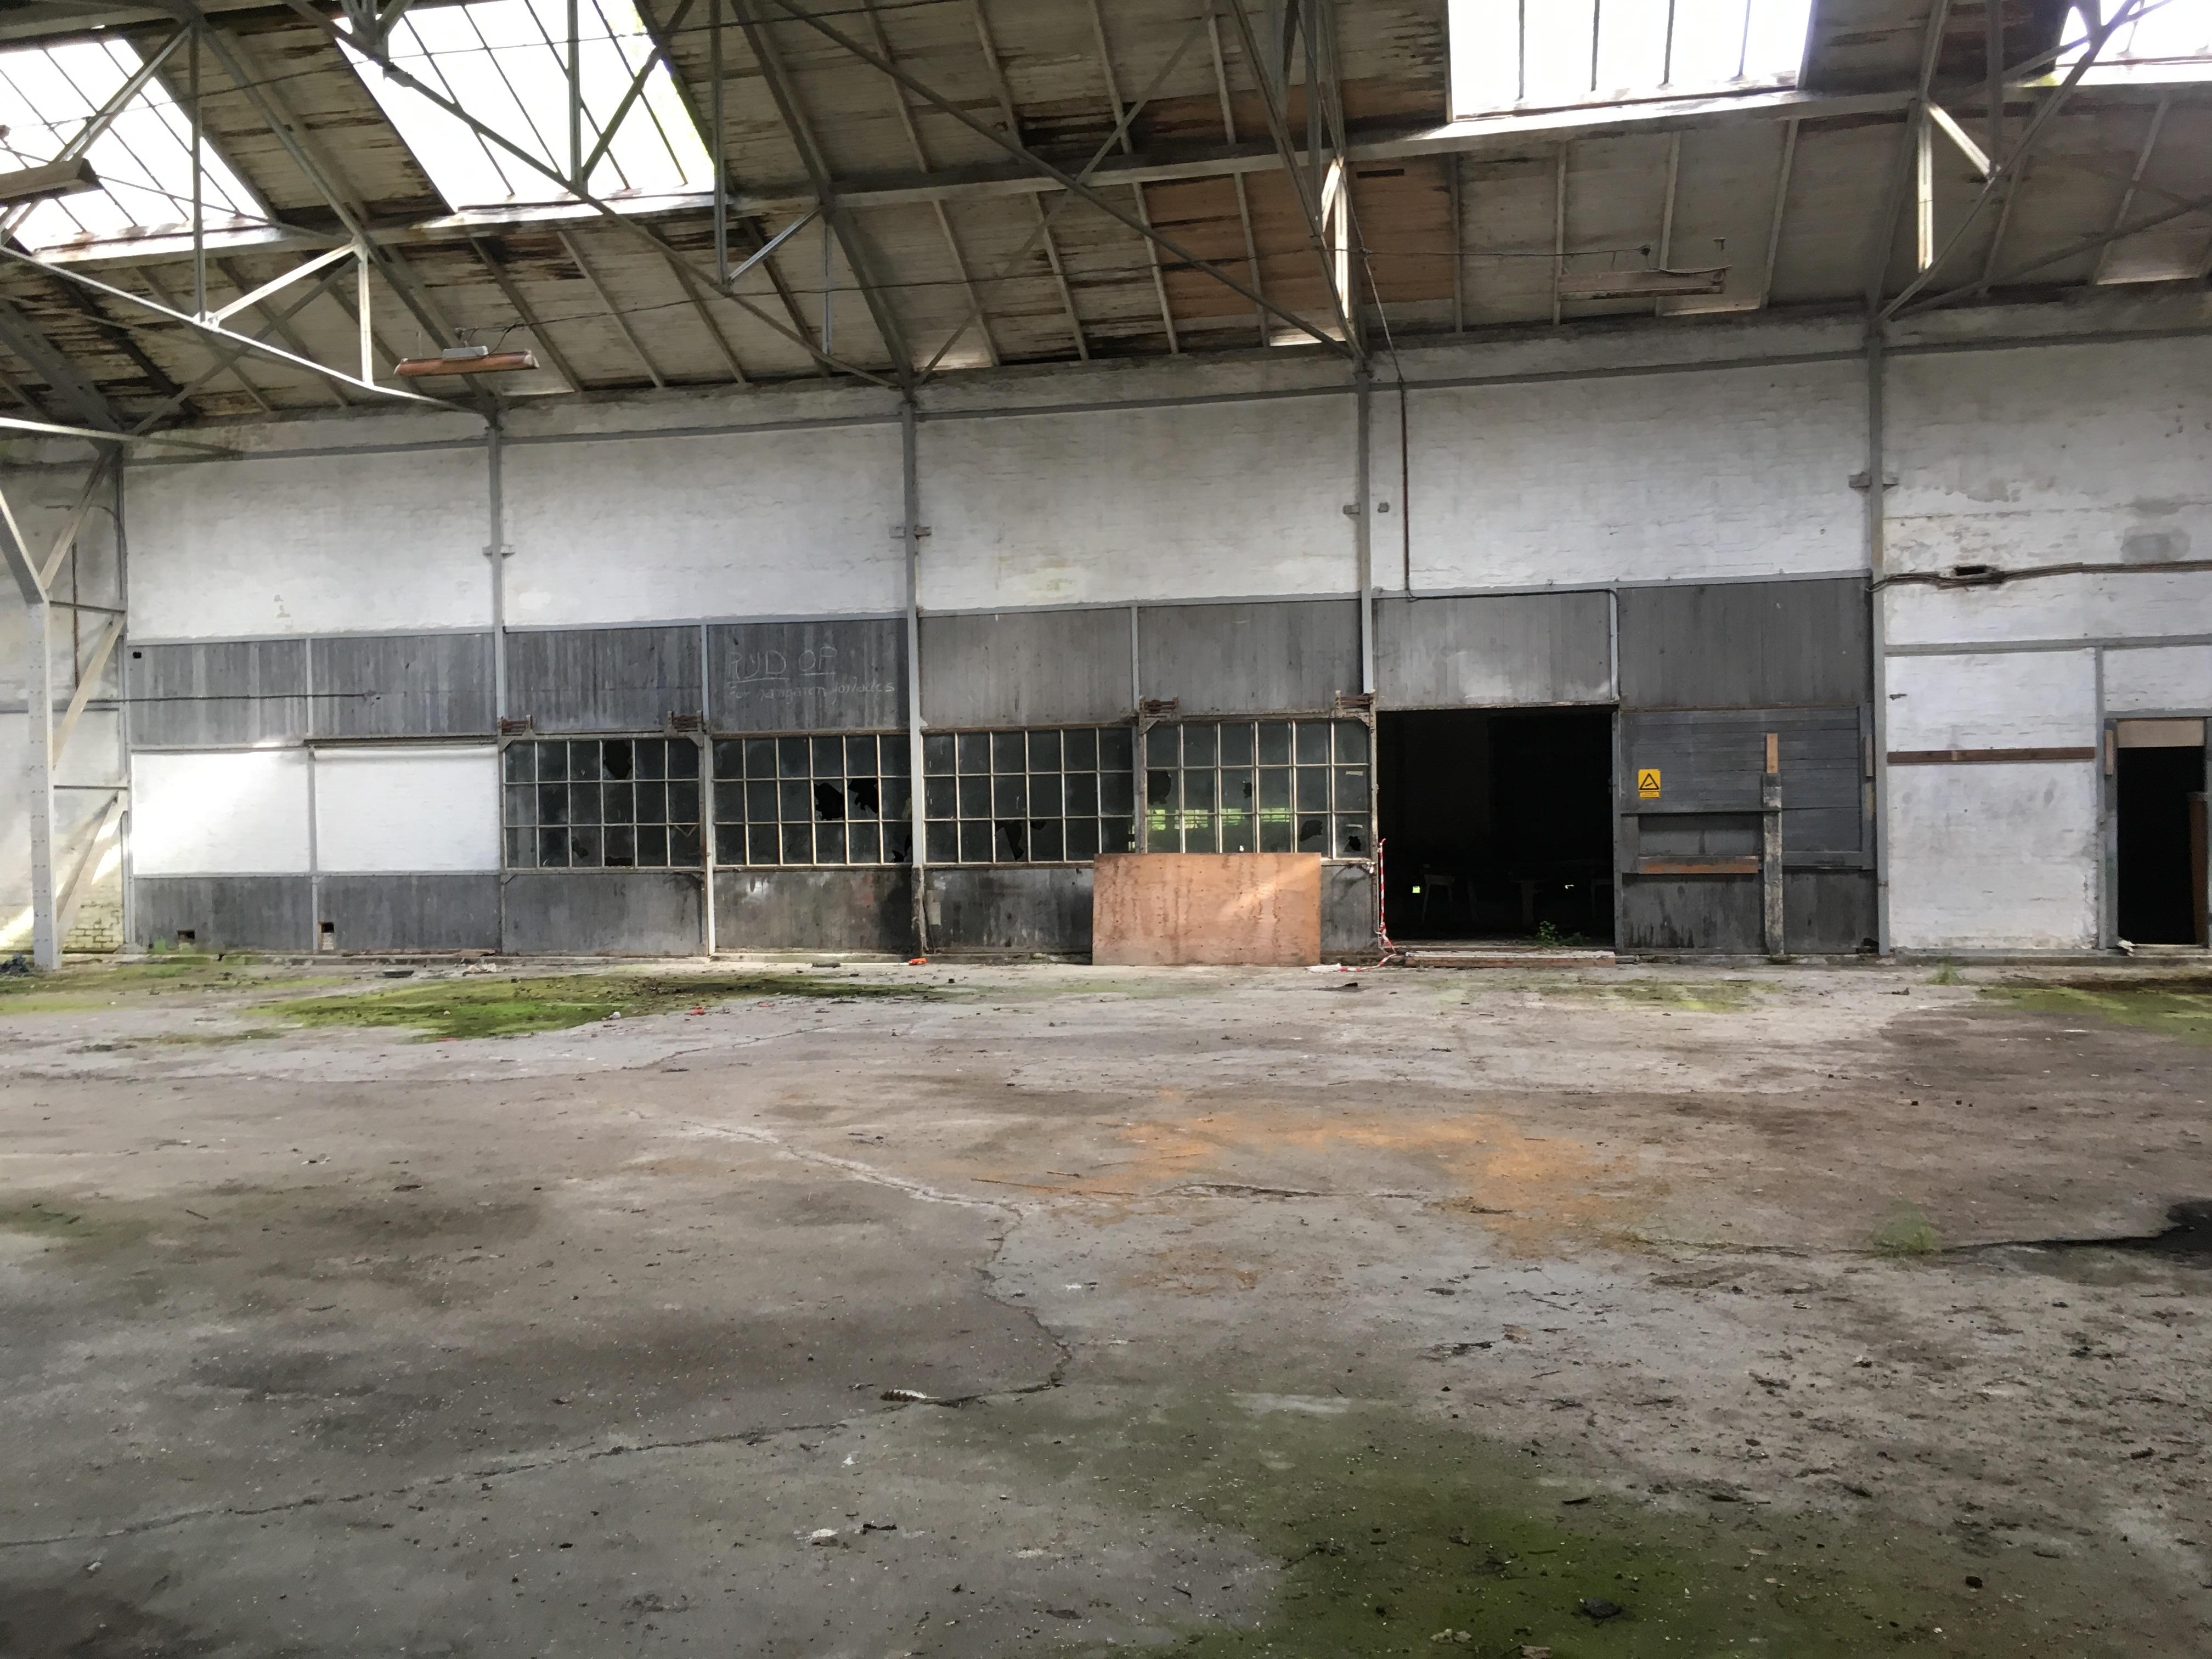 Flyhangar - Zeppelinbasen